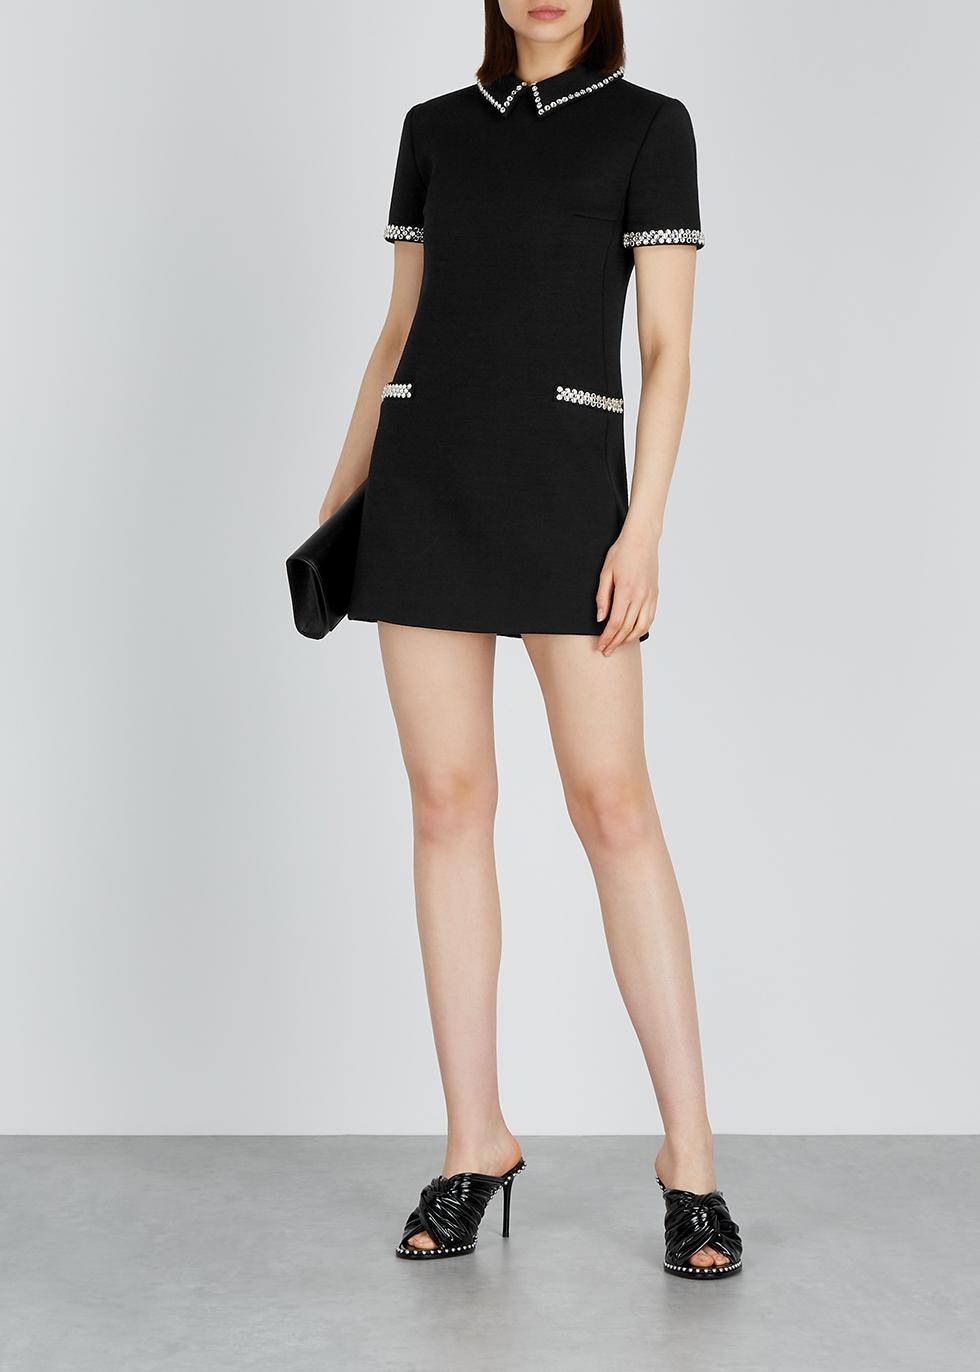 Black crystal-embellished wool mini dress - Saint Laurent